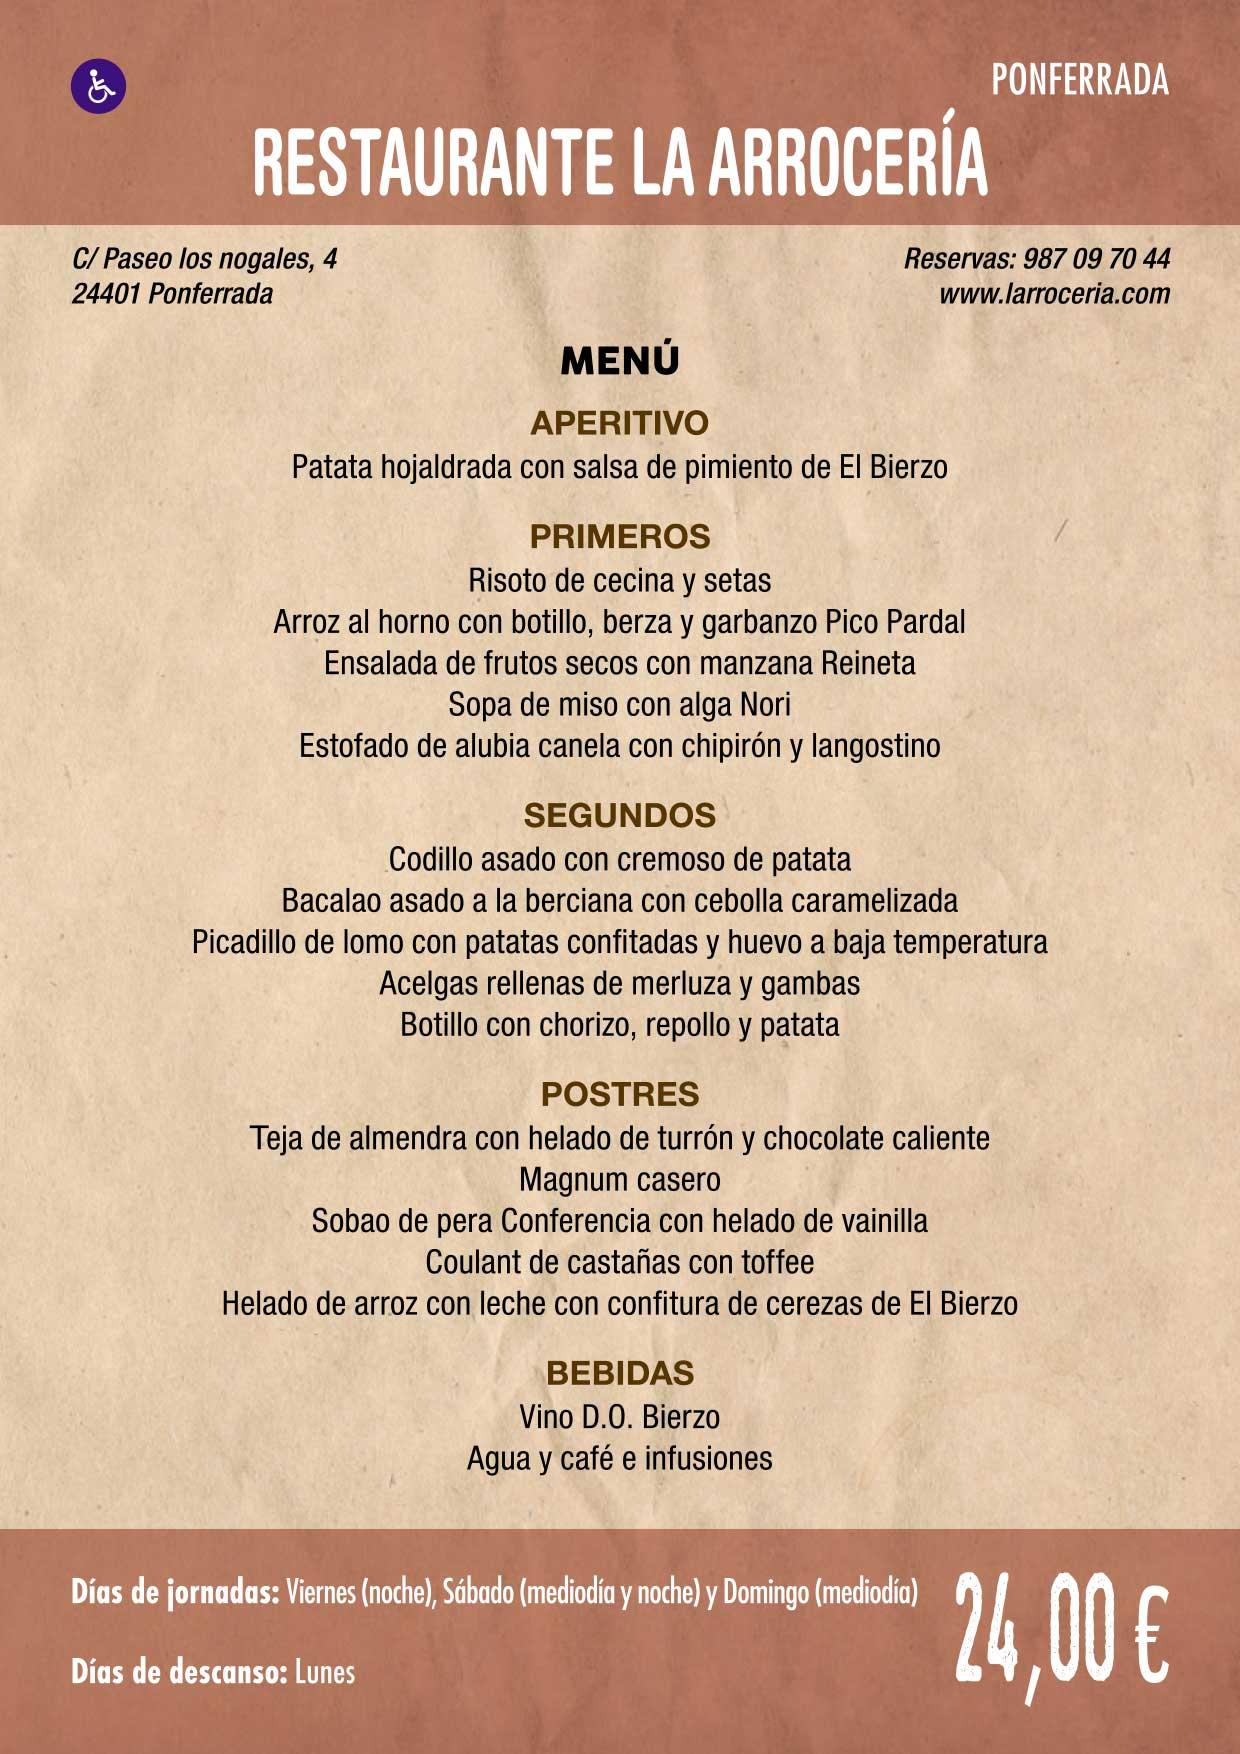 XXXVI Jornadas Gastronómicas De El Bierzo 2020. Consulta los restaurantes y menús 19